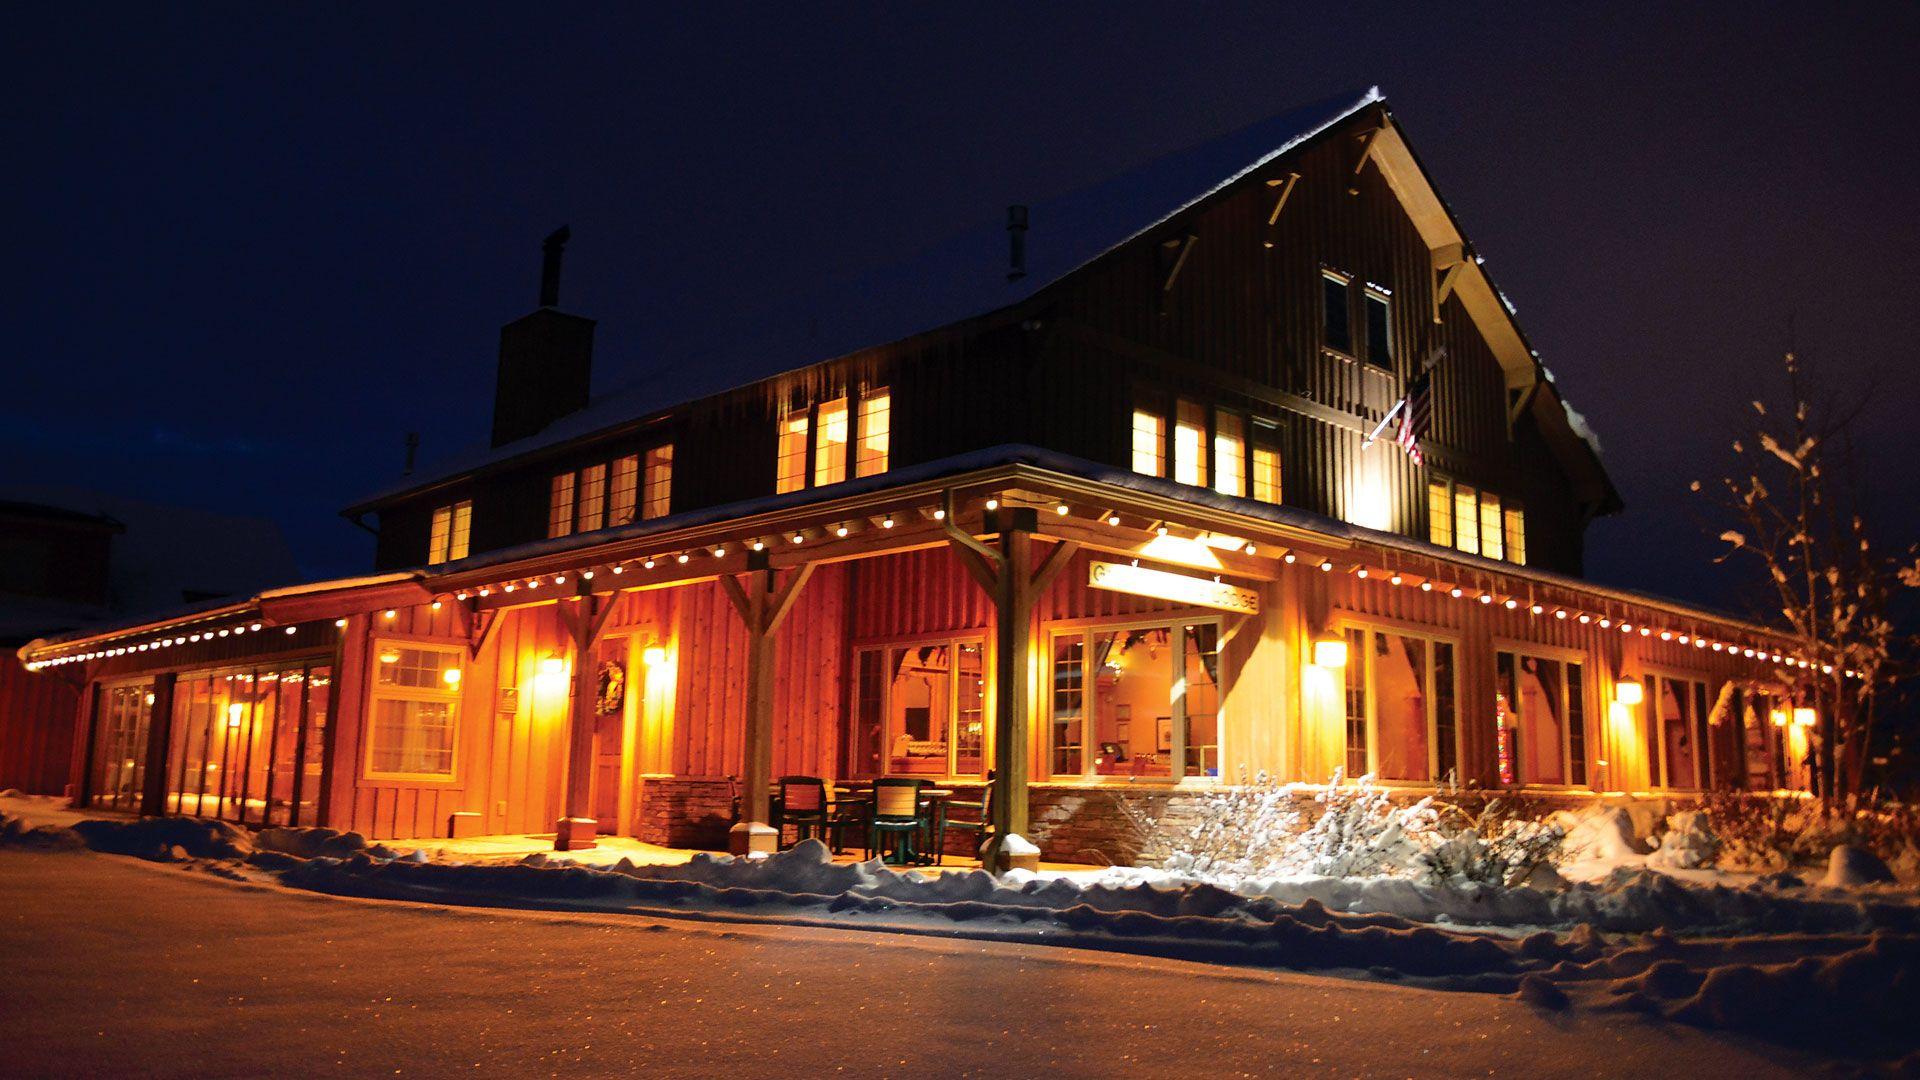 Gallatin River Lodge Bozeman Montana Bozeman Montana Bozeman River Lodge Ranch Wedding Venue